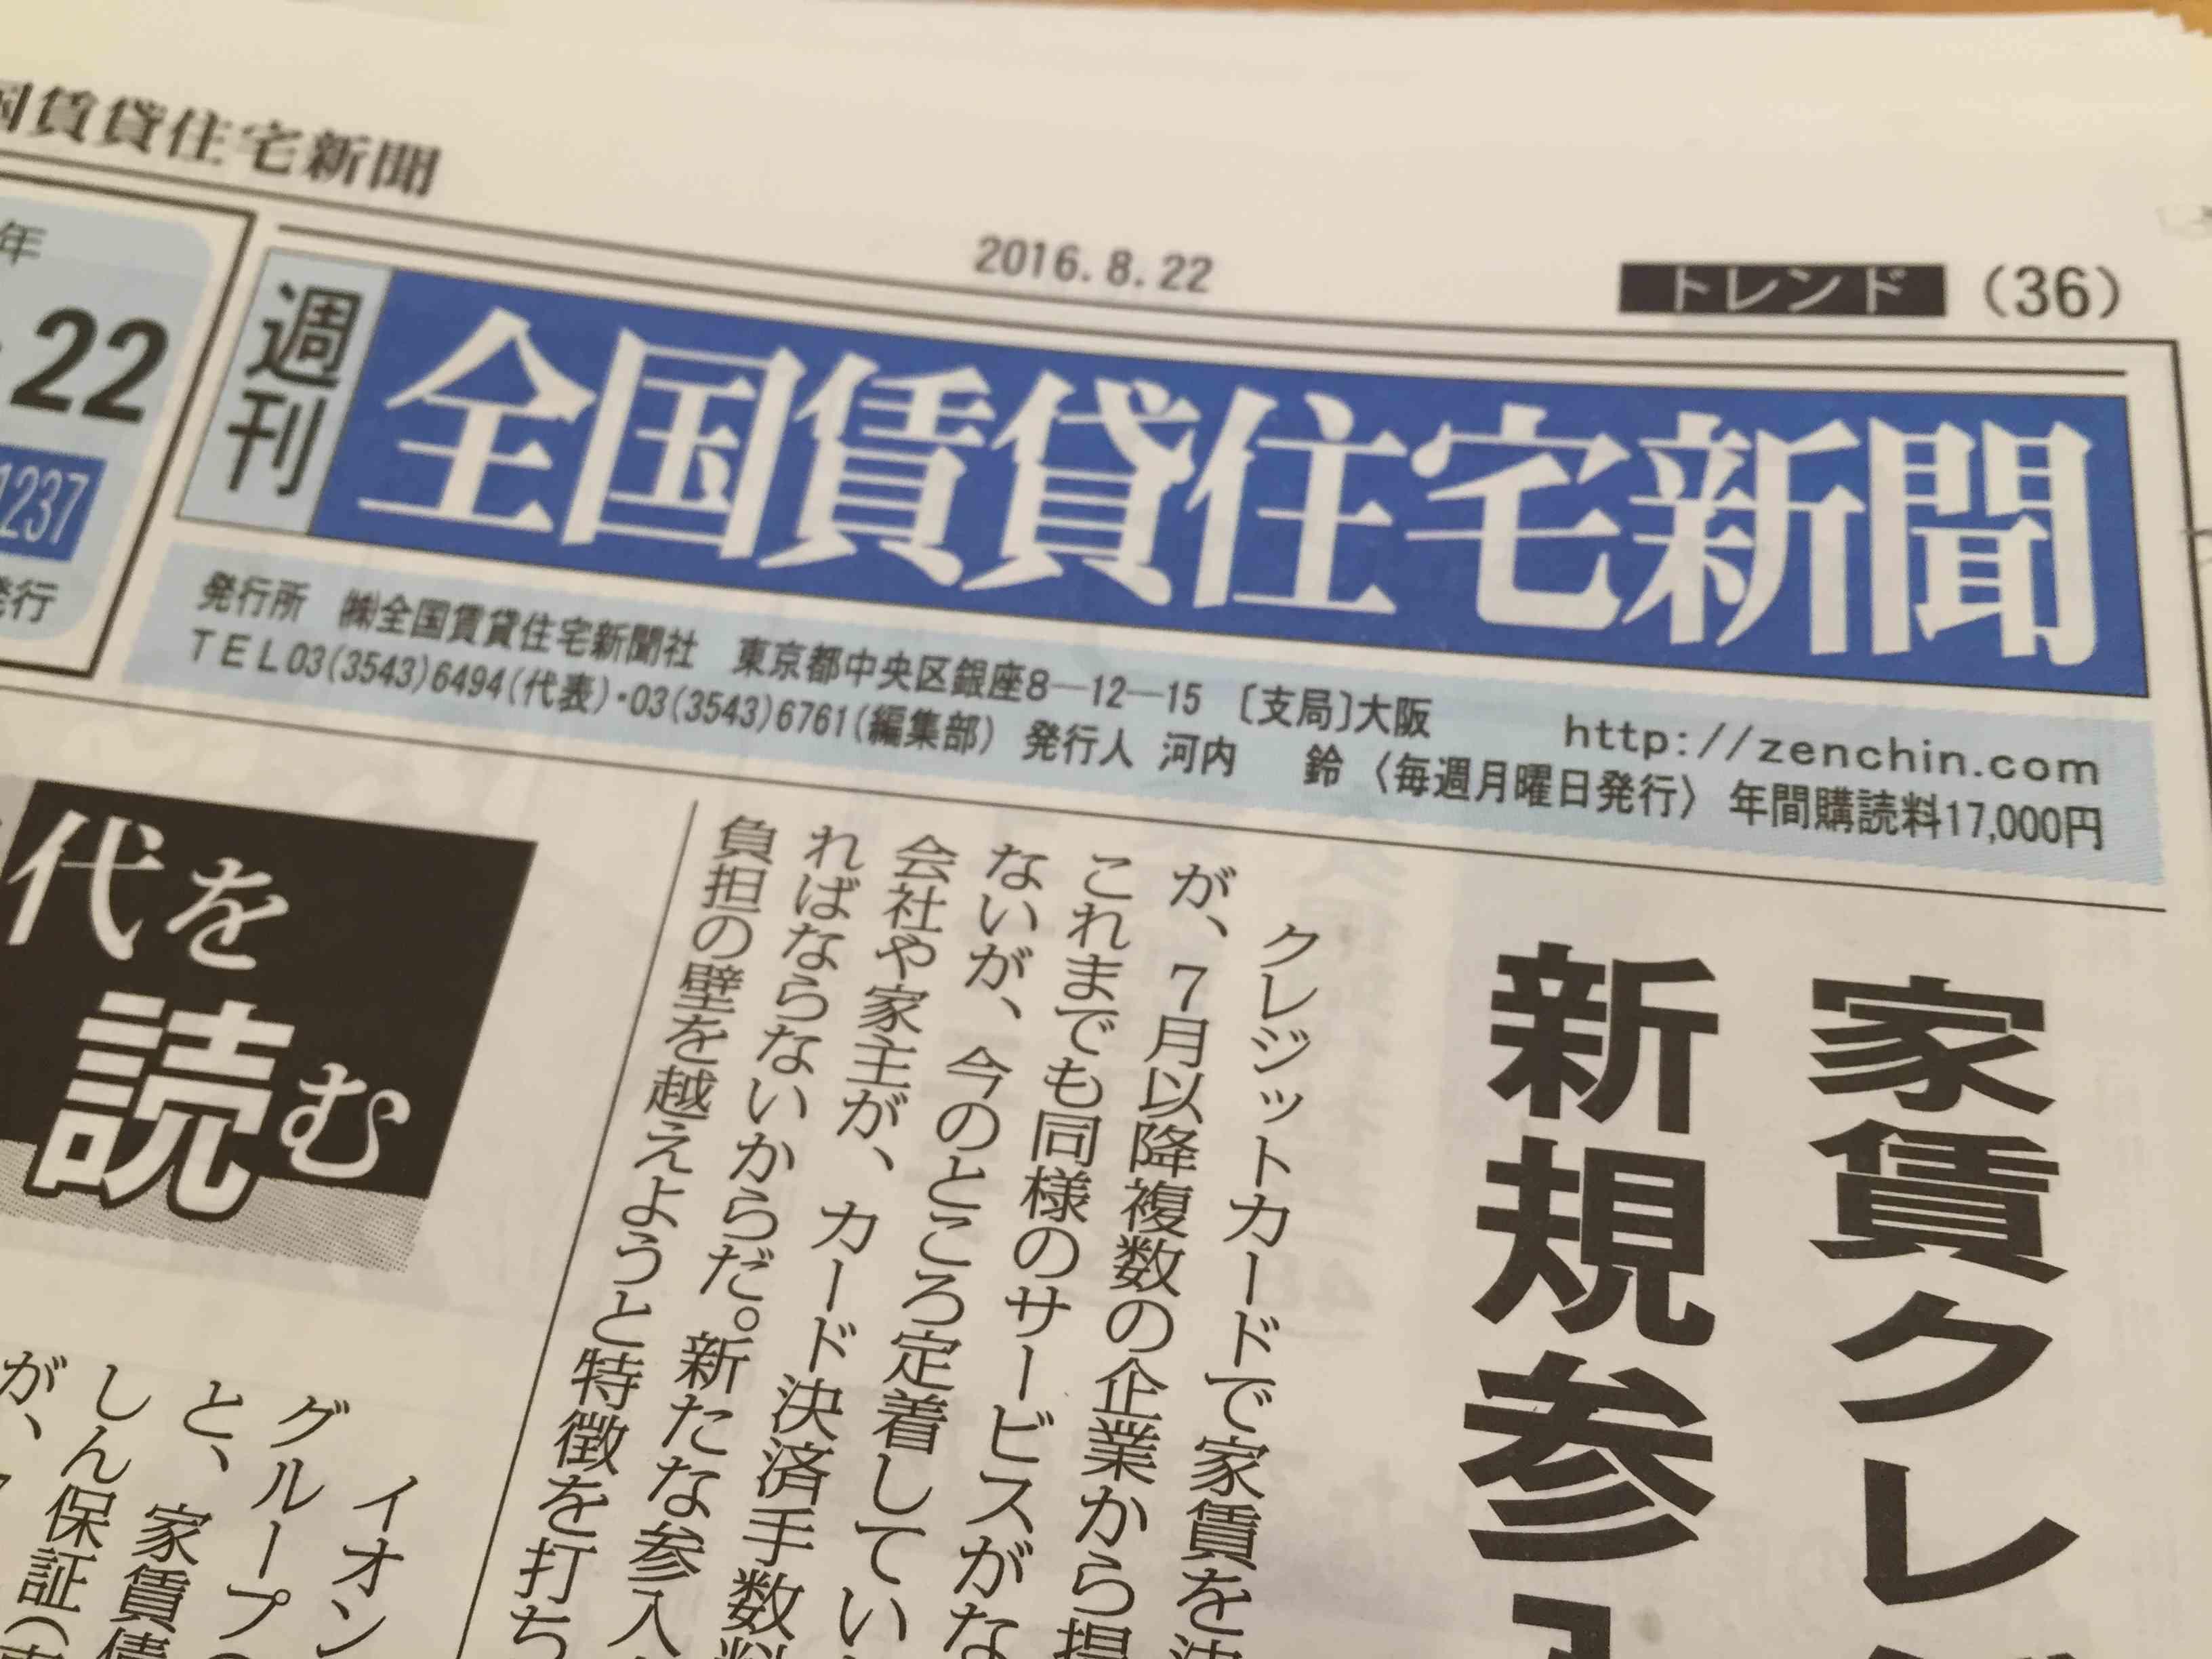 全国賃貸住宅新聞の取材がありました